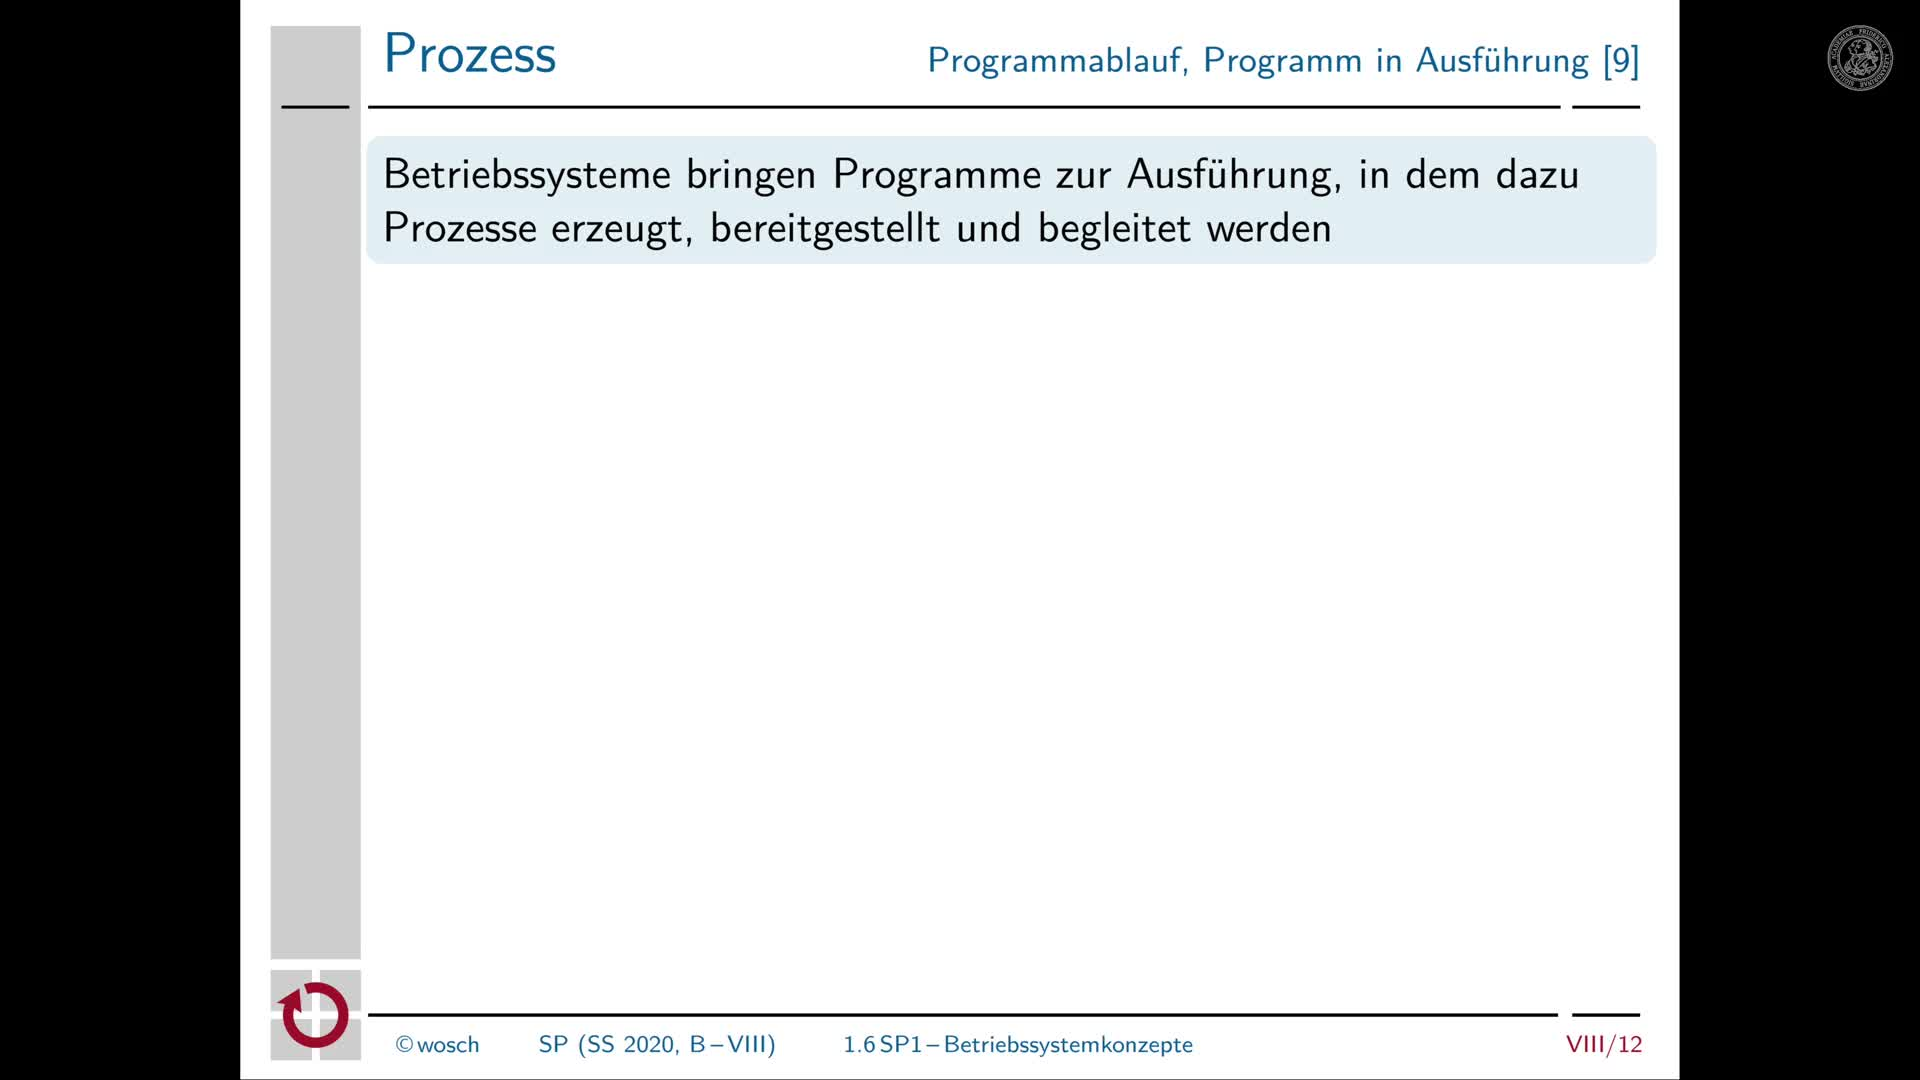 8.4 Zwischenbilanz: Betriebssystemkonzepte preview image